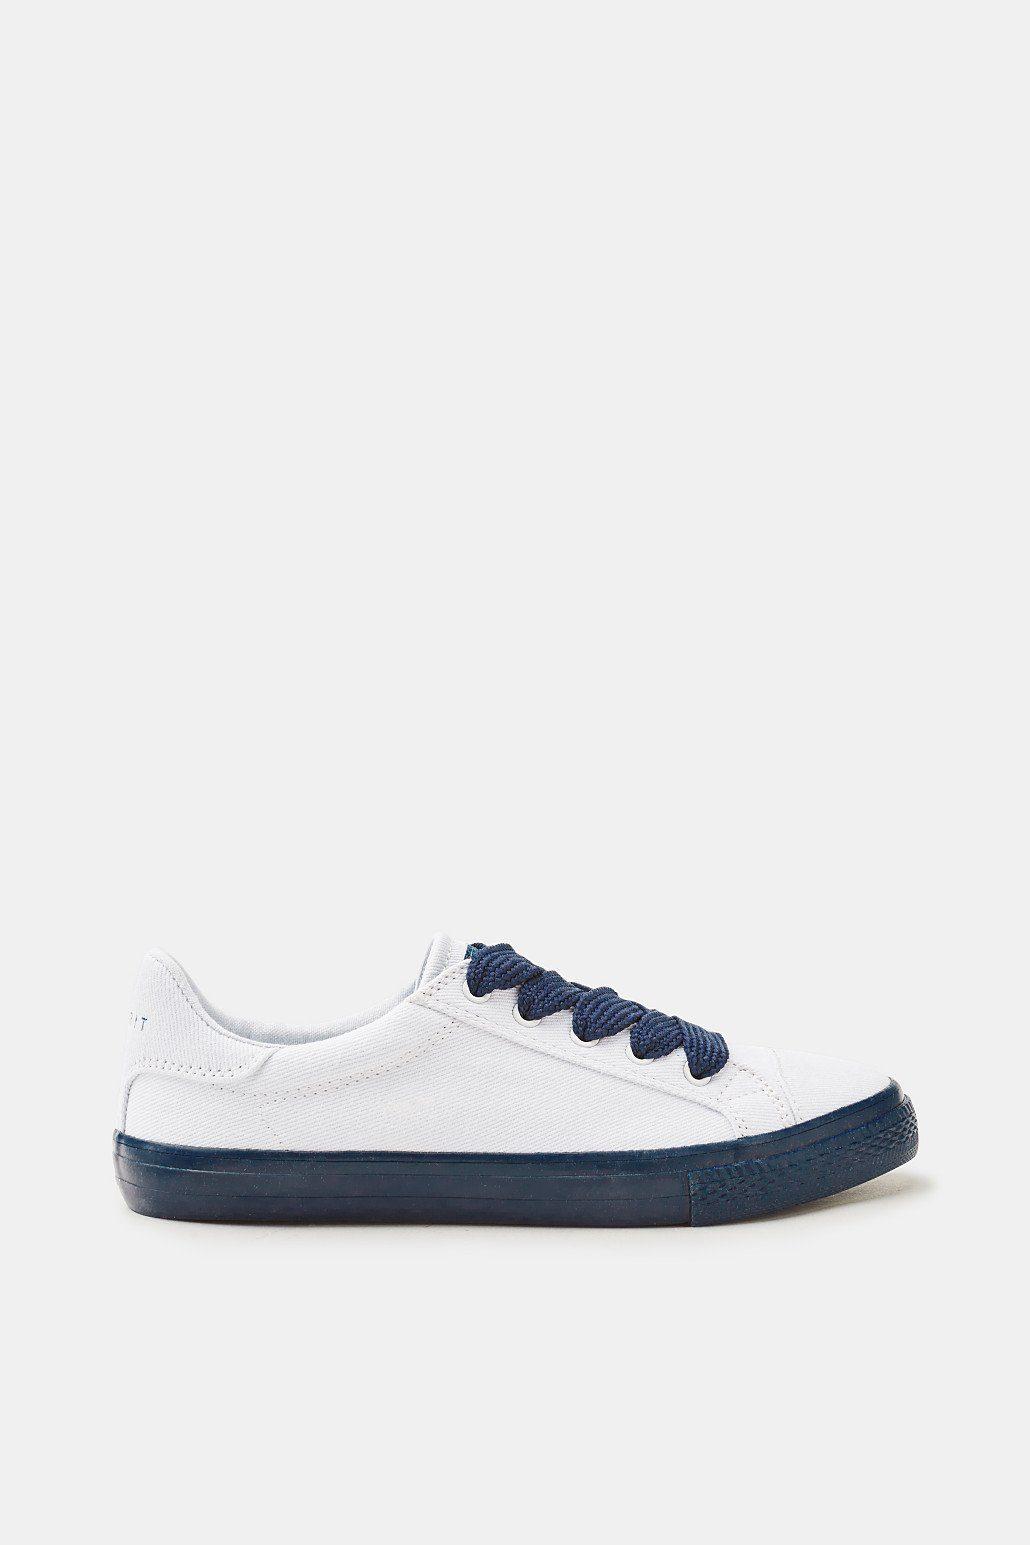 Esprit Strick-Sneaker mit Plateausohle für Damen, Größe 41, Navy